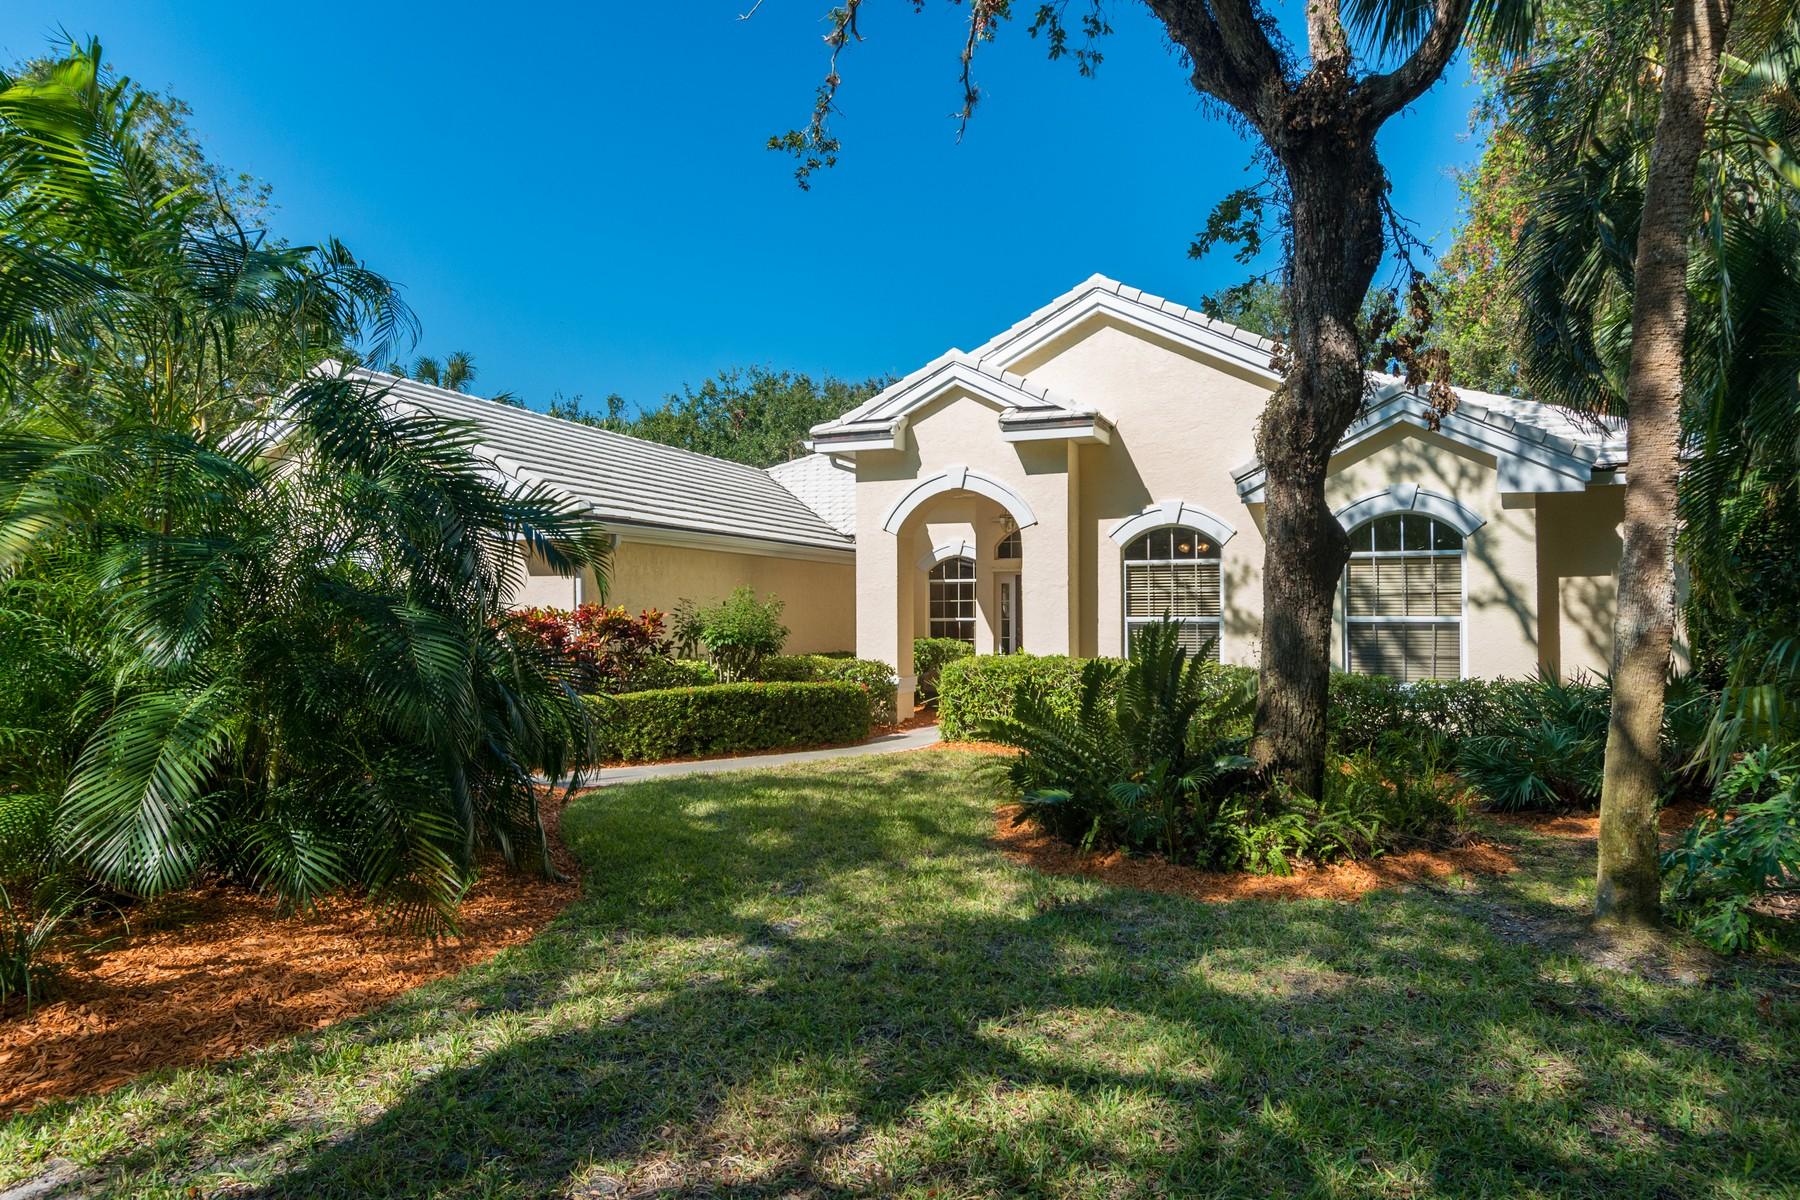 独户住宅 为 销售 在 Pristine Home in Marbrisa 340 Marbrisa Drive 维罗海滩, 佛罗里达州, 32963 美国